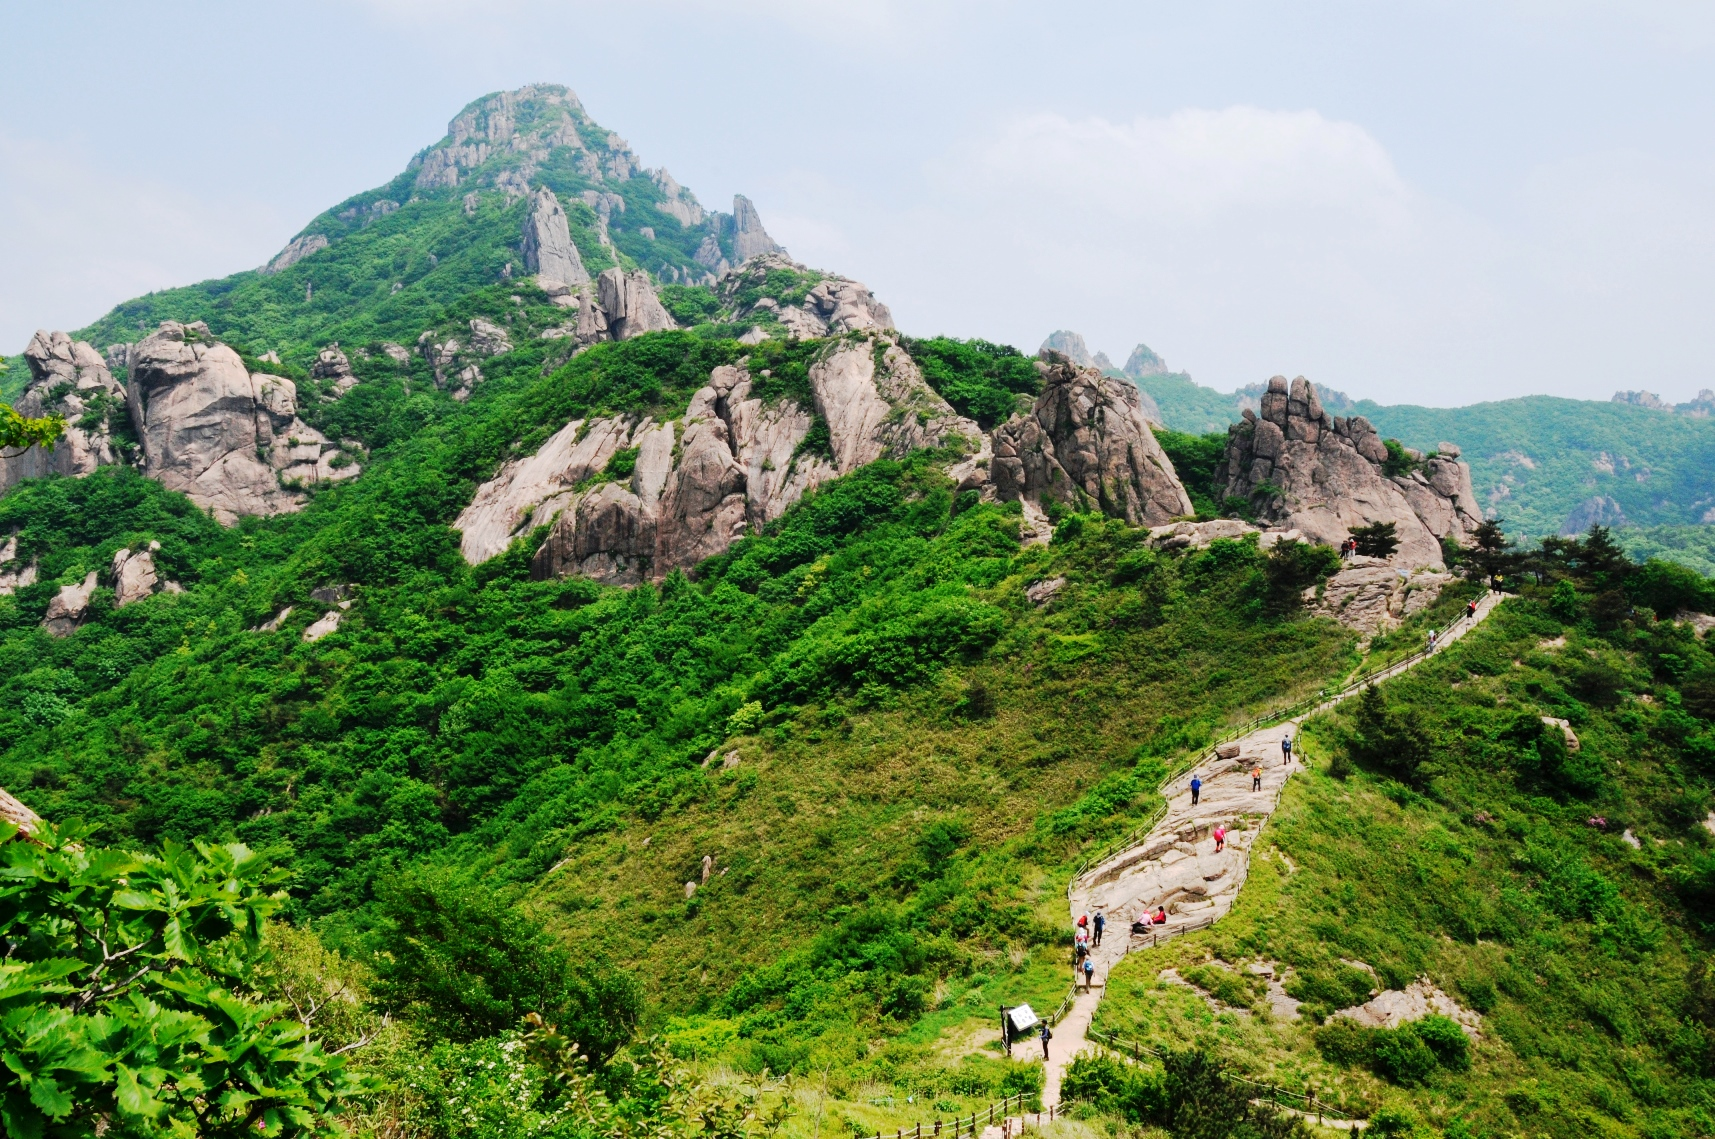 そびえる岩山・月出山(ウォルチュルサン)の独特の景観(2日目)